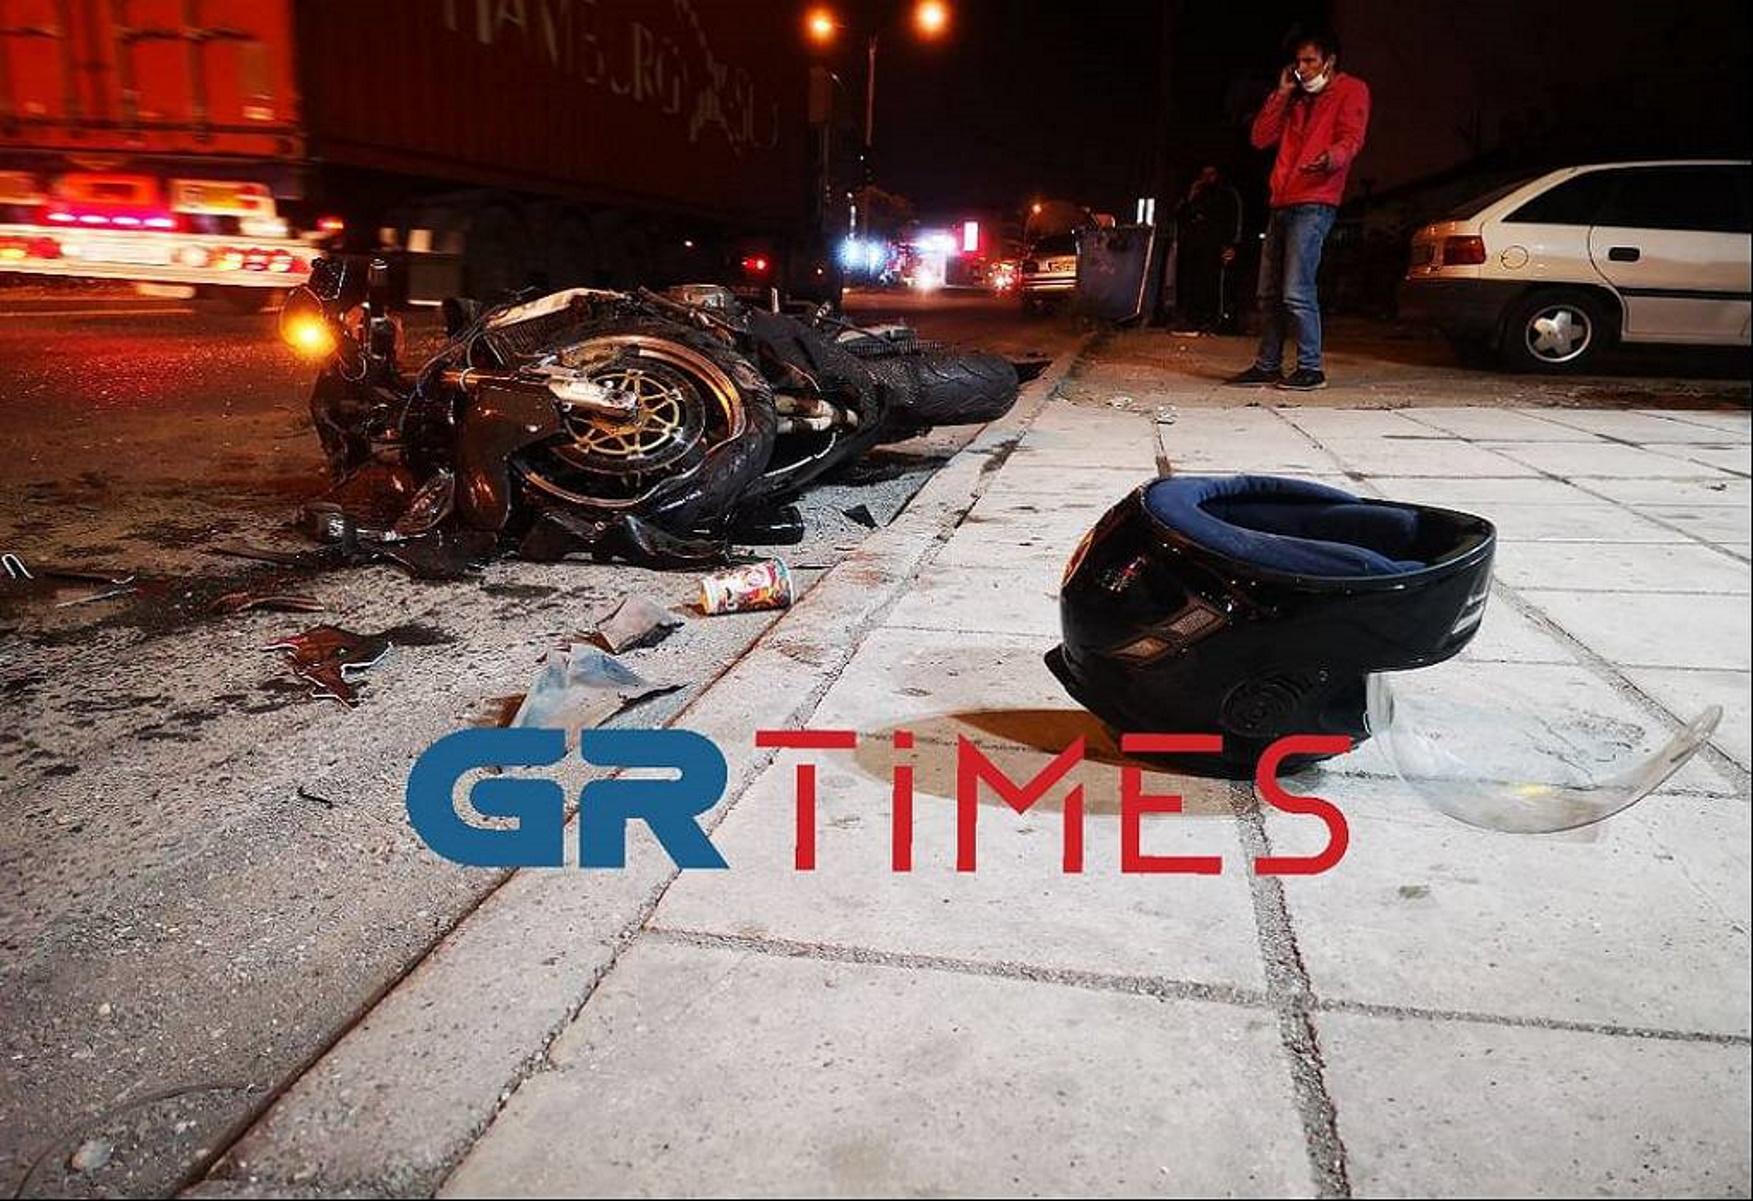 """Θεσσαλονίκη: Μοτοσυκλέτα """"καρφώθηκε"""" σε νταλίκα – Ένας τραυματίας (pics, video)"""